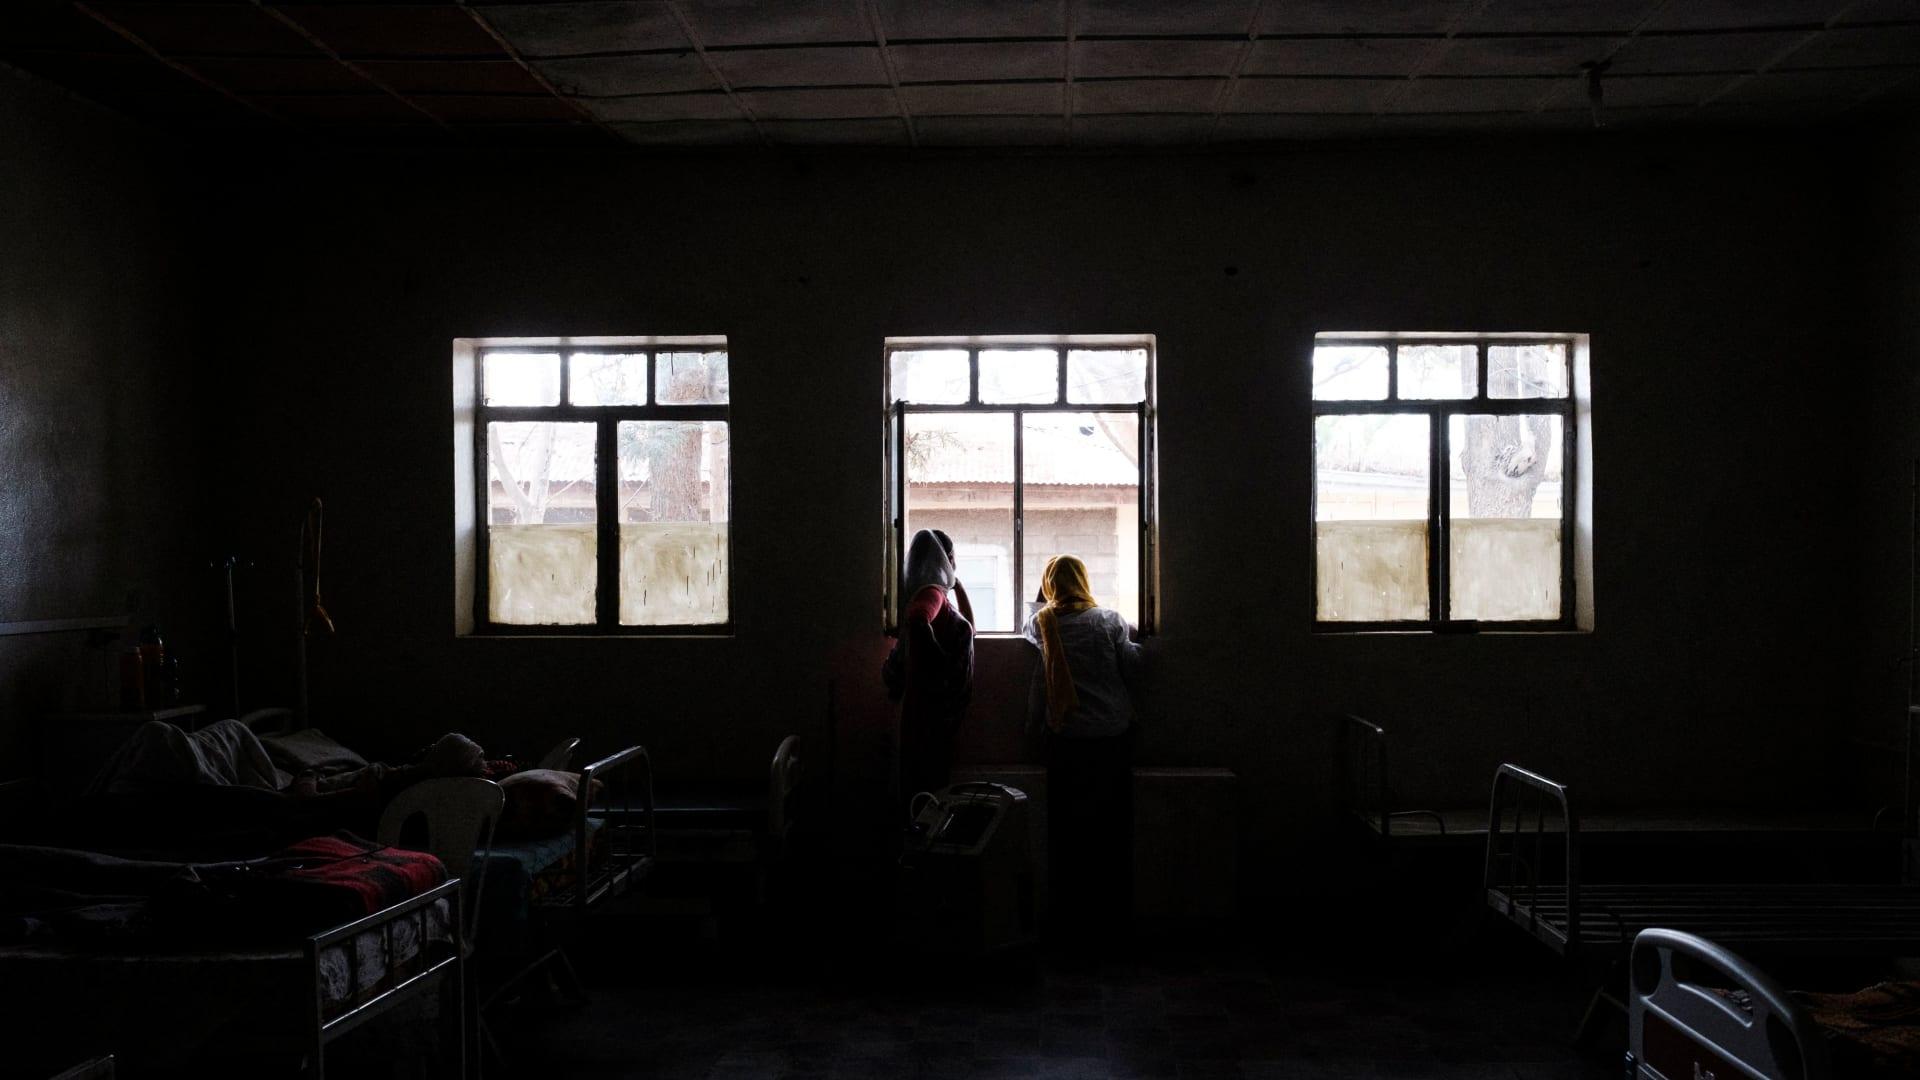 تقرير خاص لـCNN: تيغراي.. عن حرب يتم فيها اغتصاب النساء وتخديرهن واحتجازهن كرهائن